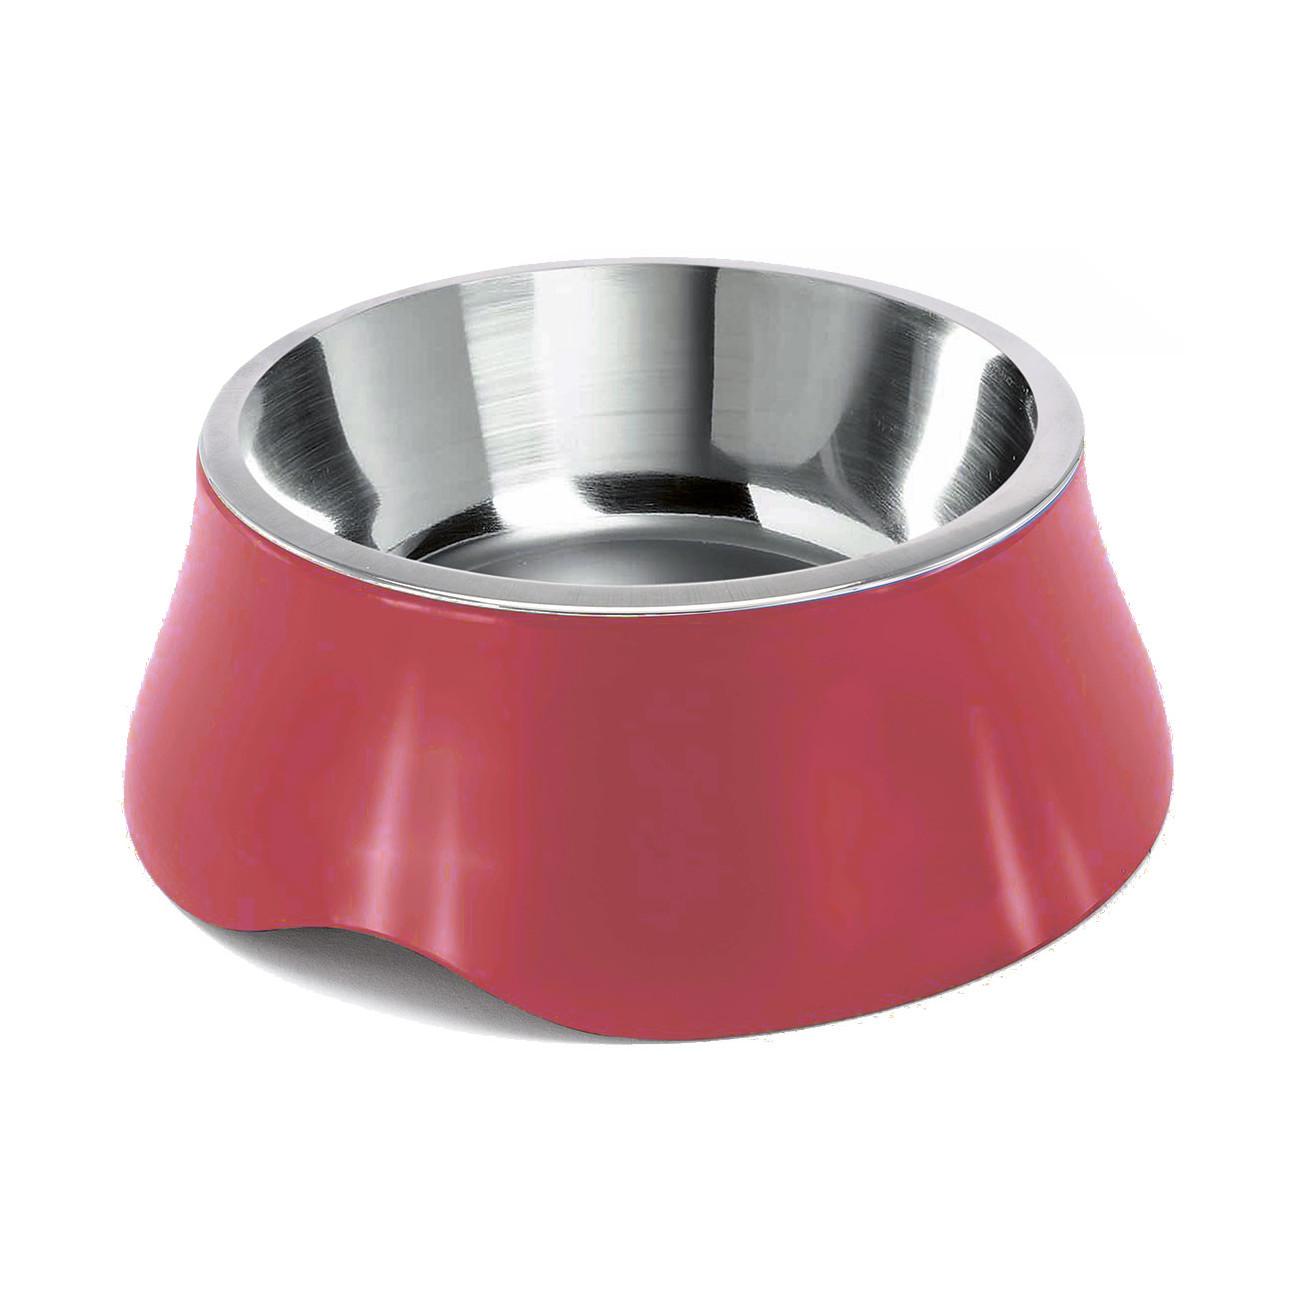 Miska pro psa Argi - nerez / plast - červená - 900 ml